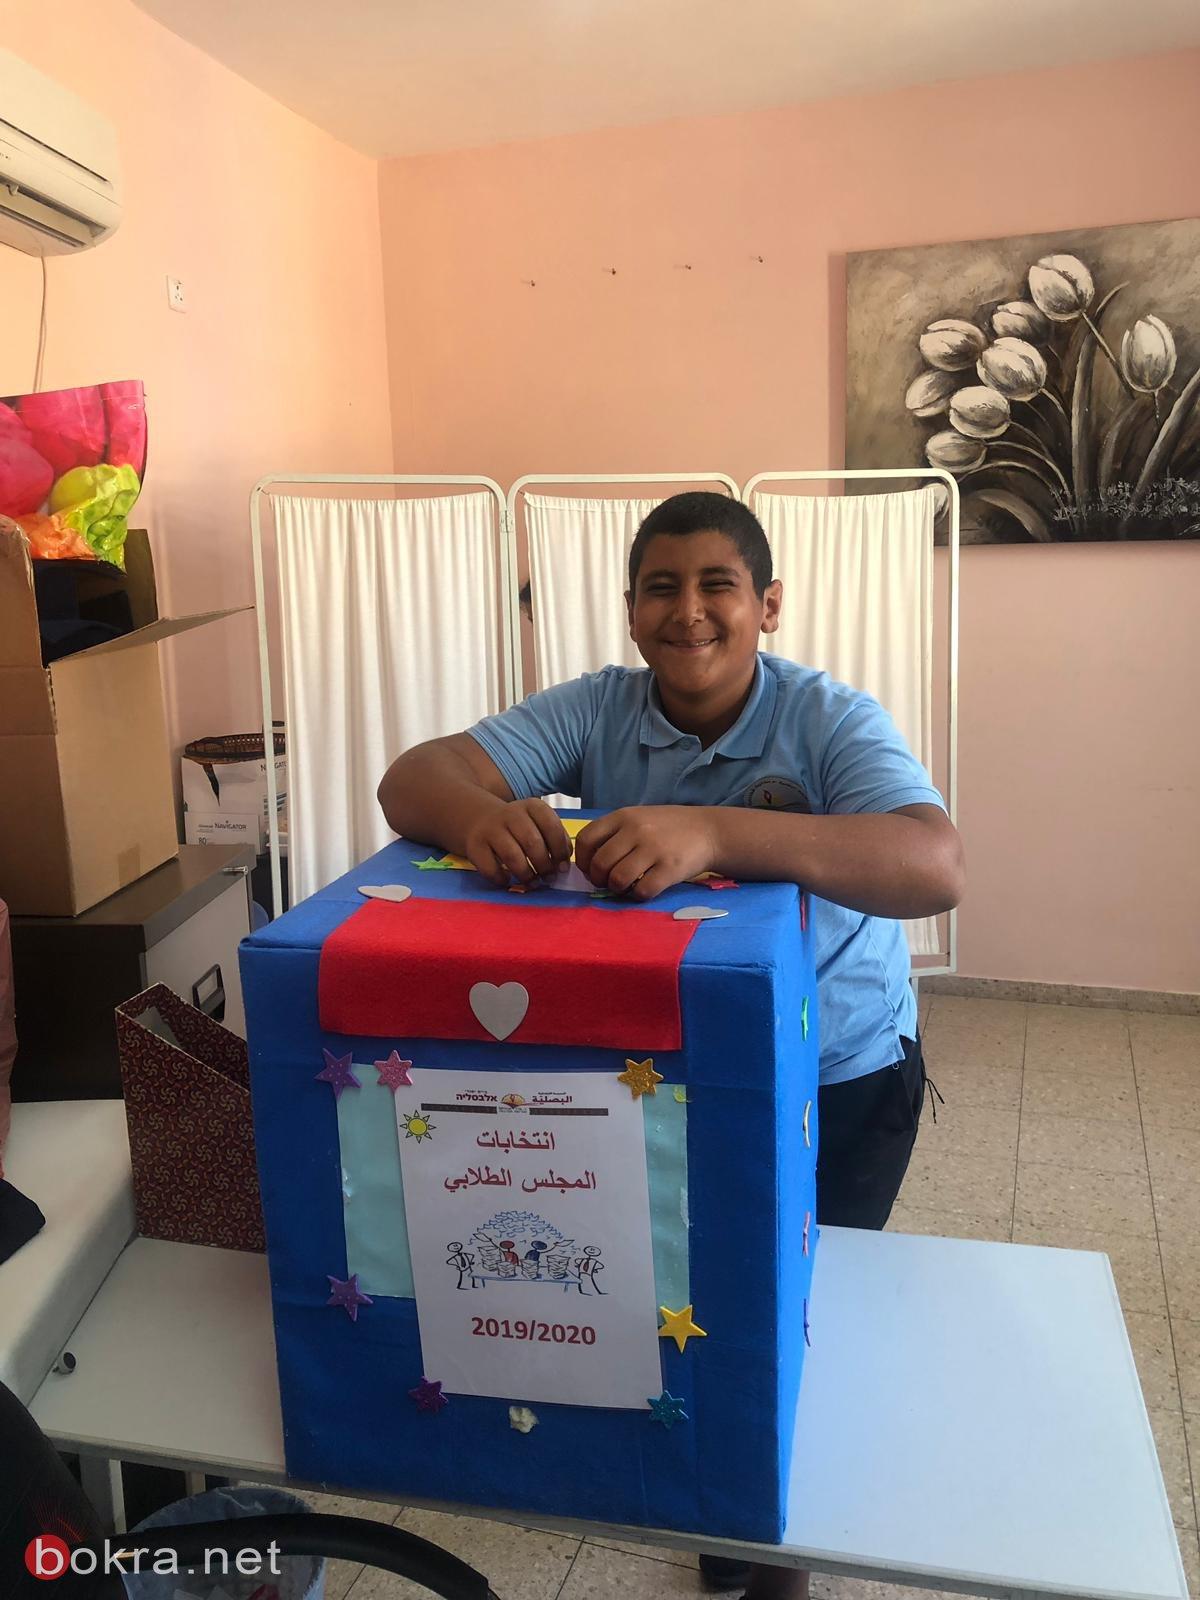 انتخابات مجلس الطلاب في مدرسة البصلية شفاعمرو